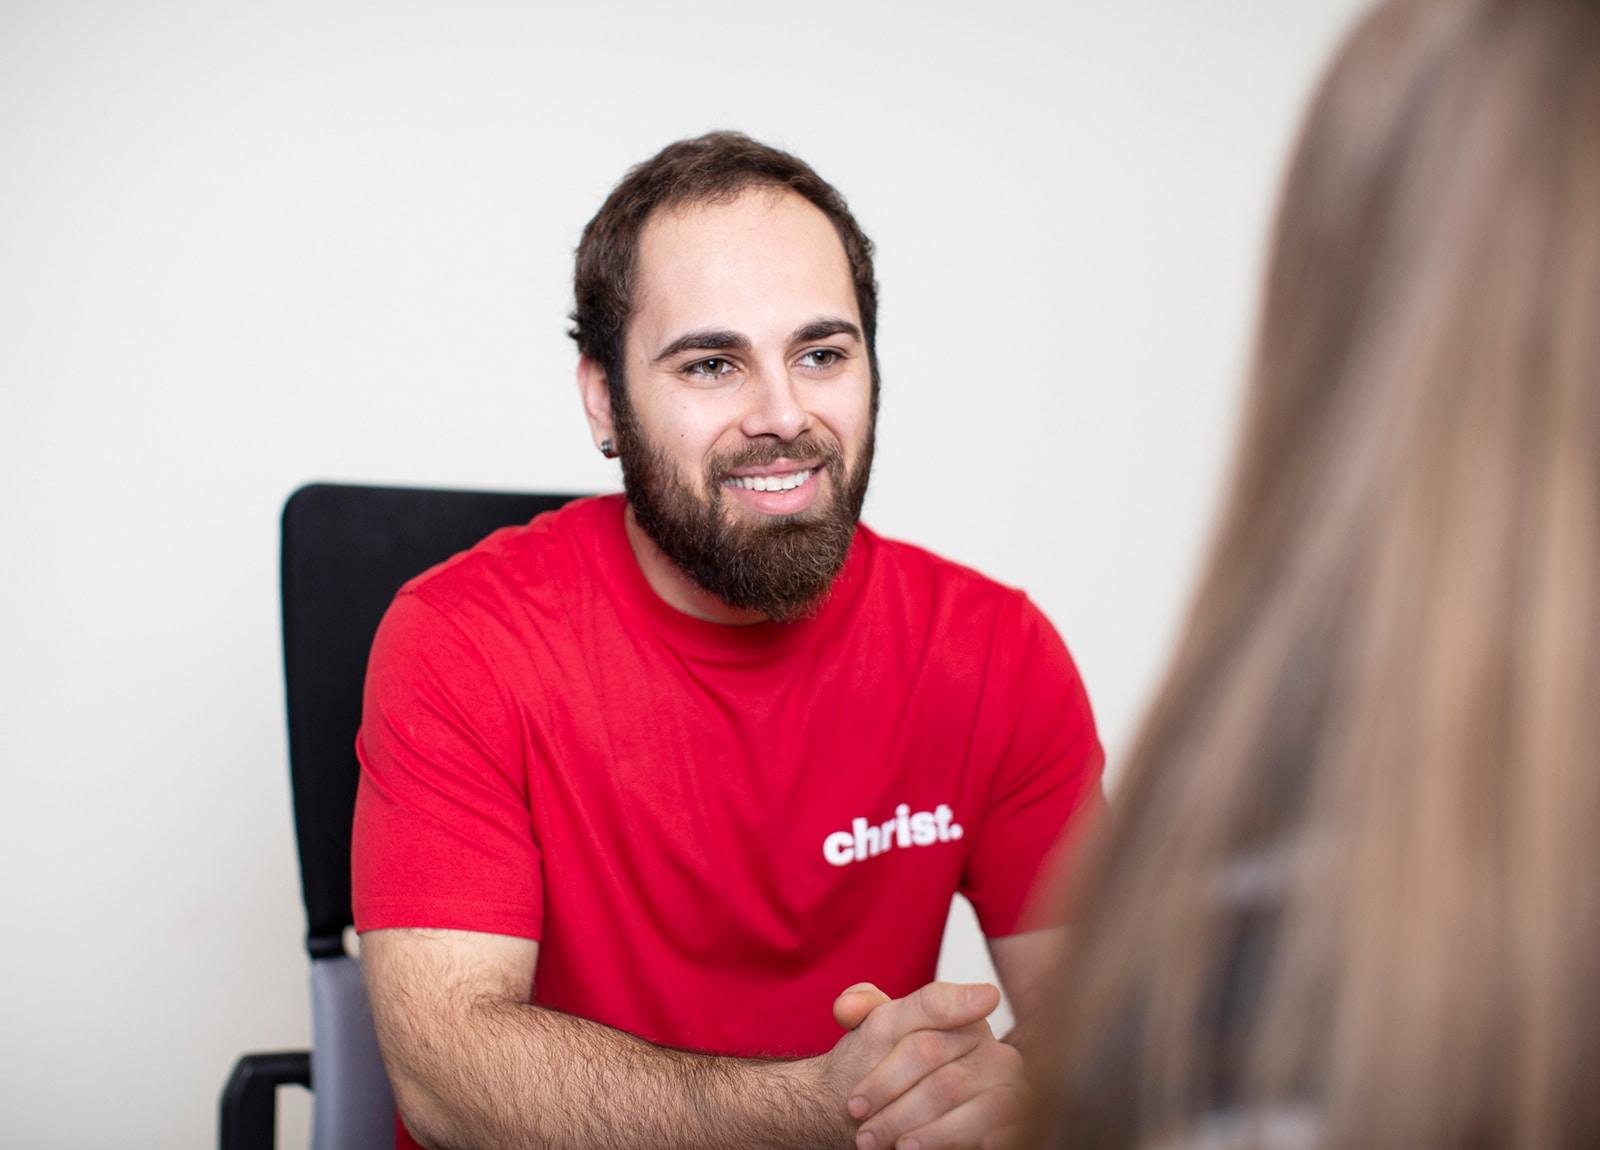 Christ Logistik Karriere - Mitarbeiter am Schreibtisch